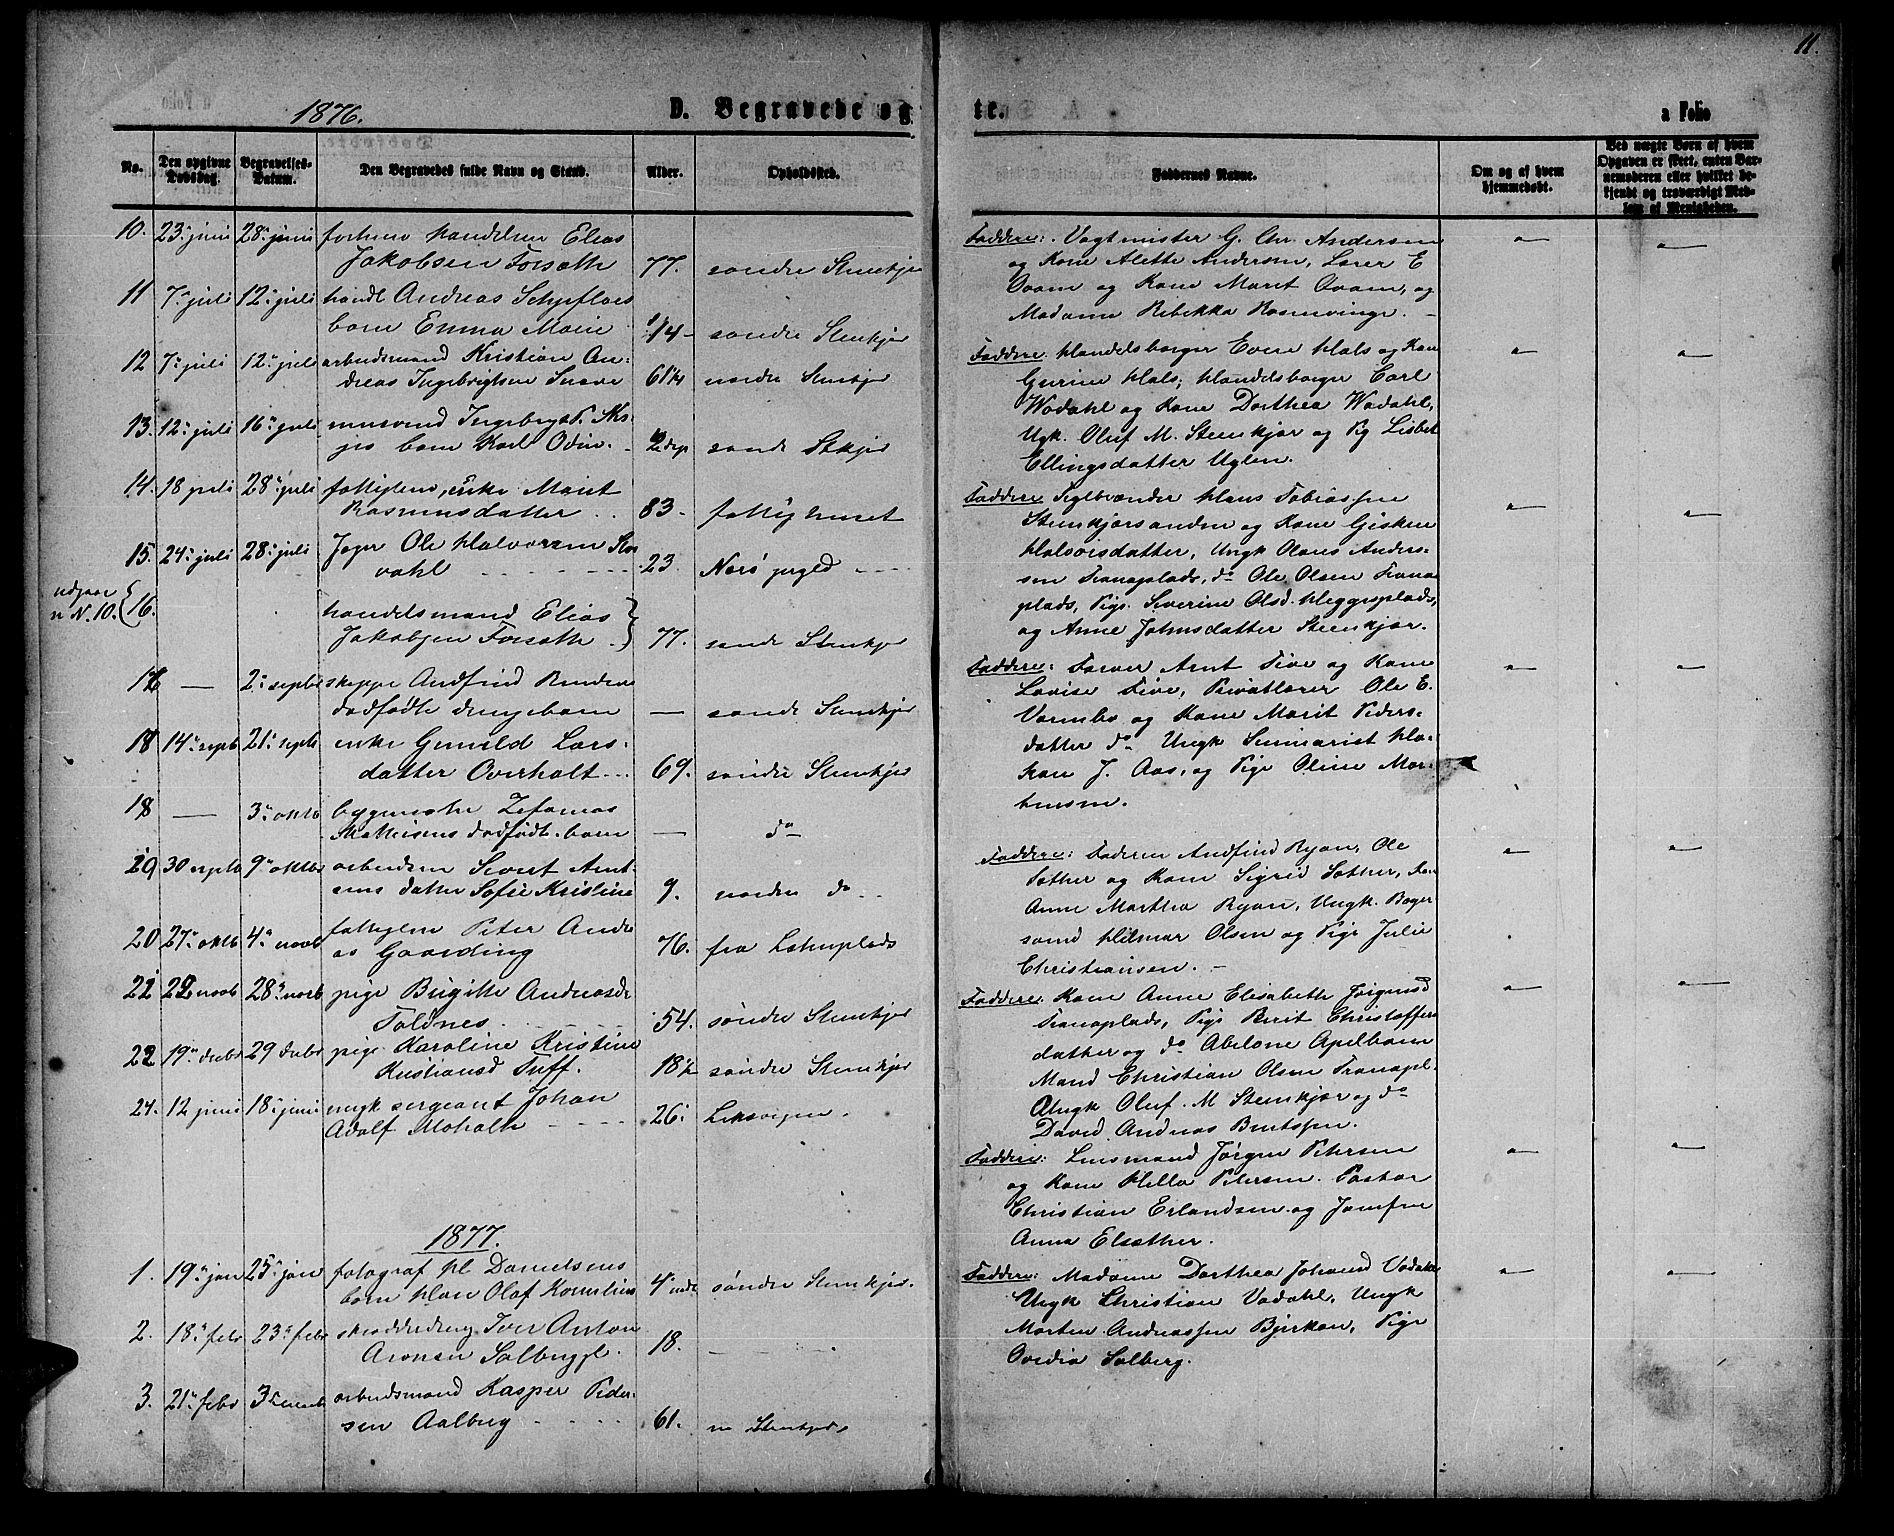 SAT, Ministerialprotokoller, klokkerbøker og fødselsregistre - Nord-Trøndelag, 739/L0373: Klokkerbok nr. 739C01, 1865-1882, s. 138